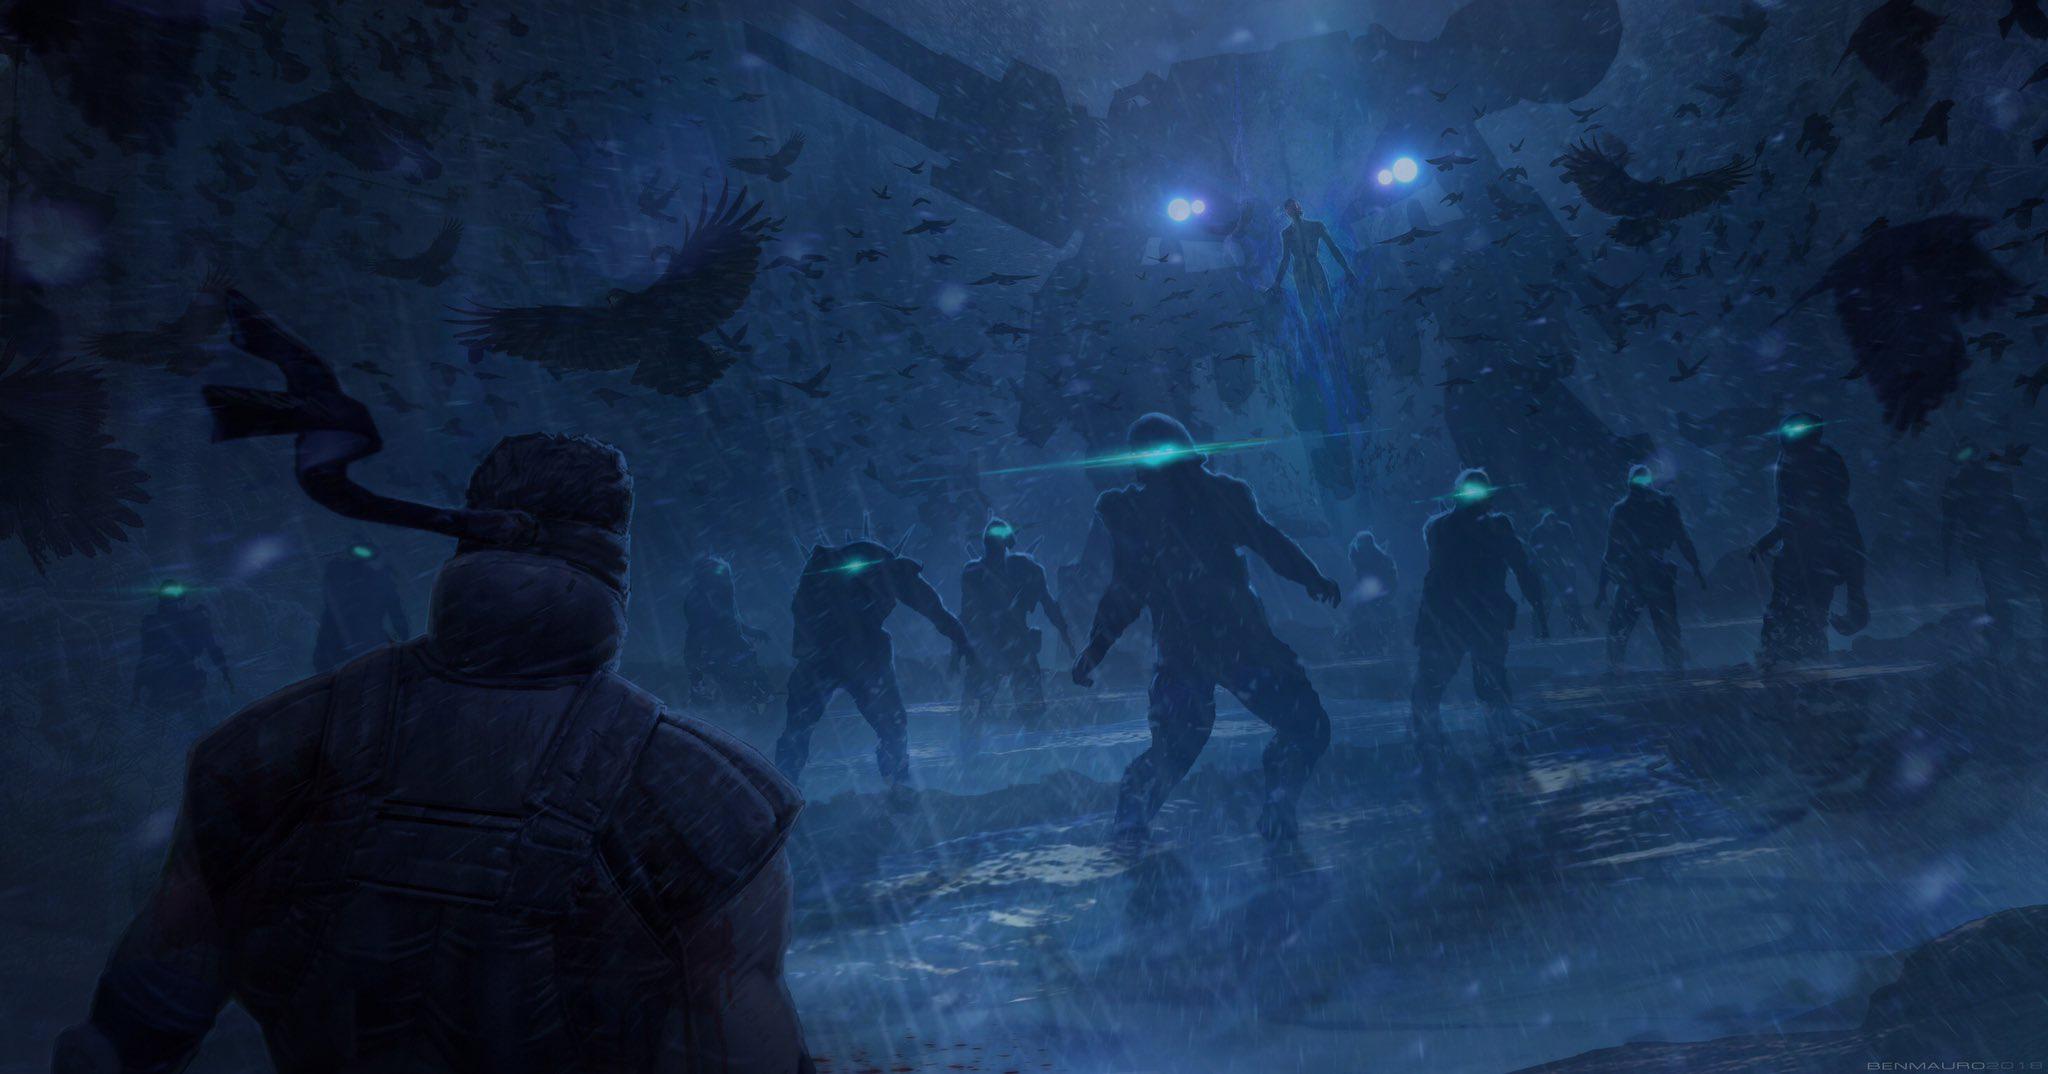 metal-gear-solid-movie update 2018 (1)